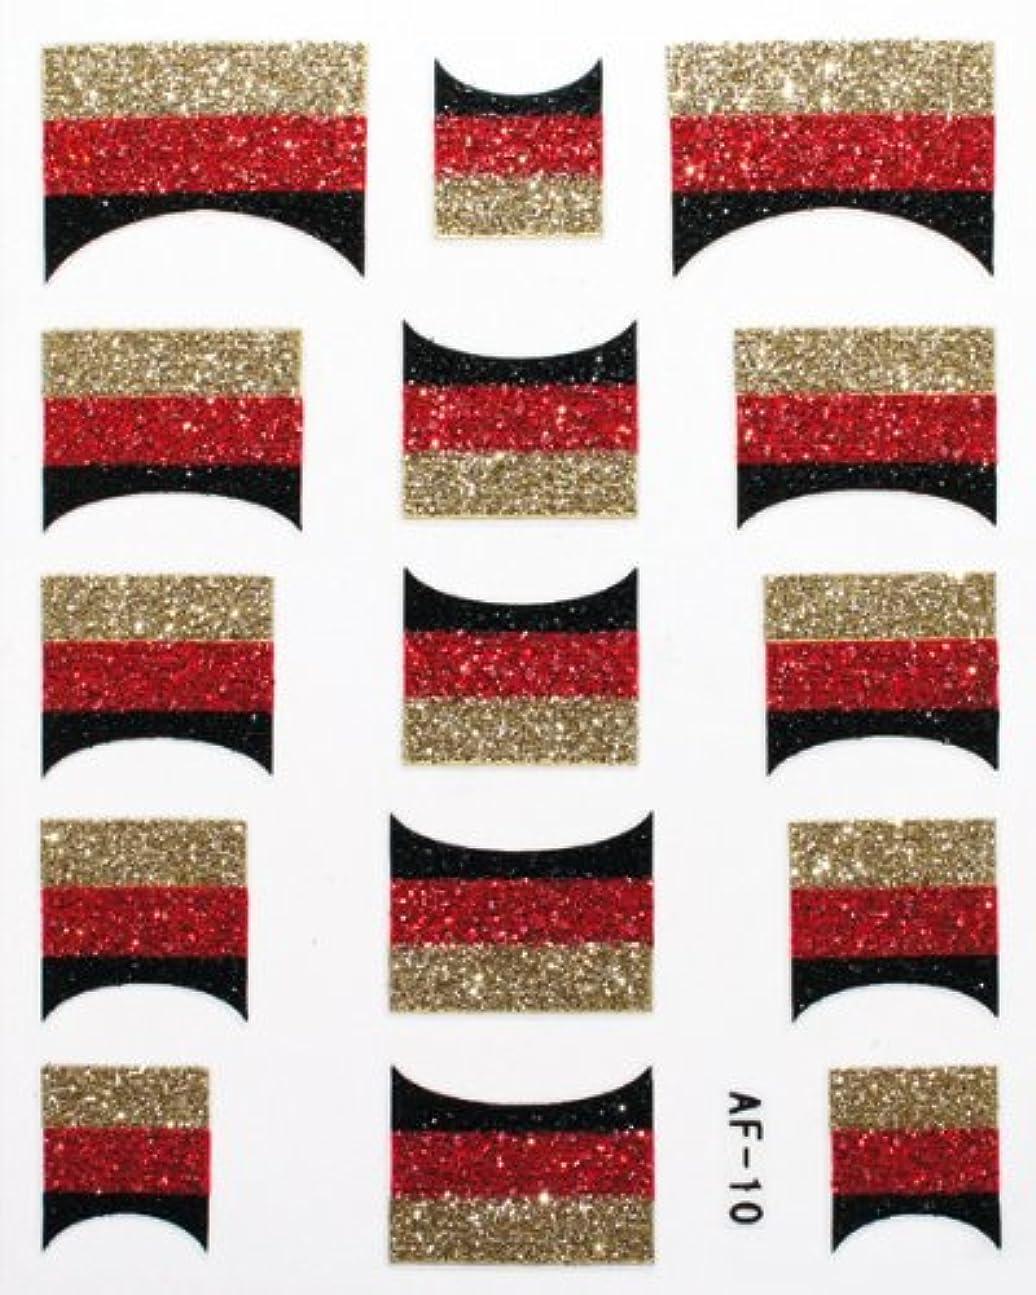 債務者コート抑圧きらきら逆フレンチネイルシール ドイツ国旗 AF10 貼るだけ ジェルネイルアート